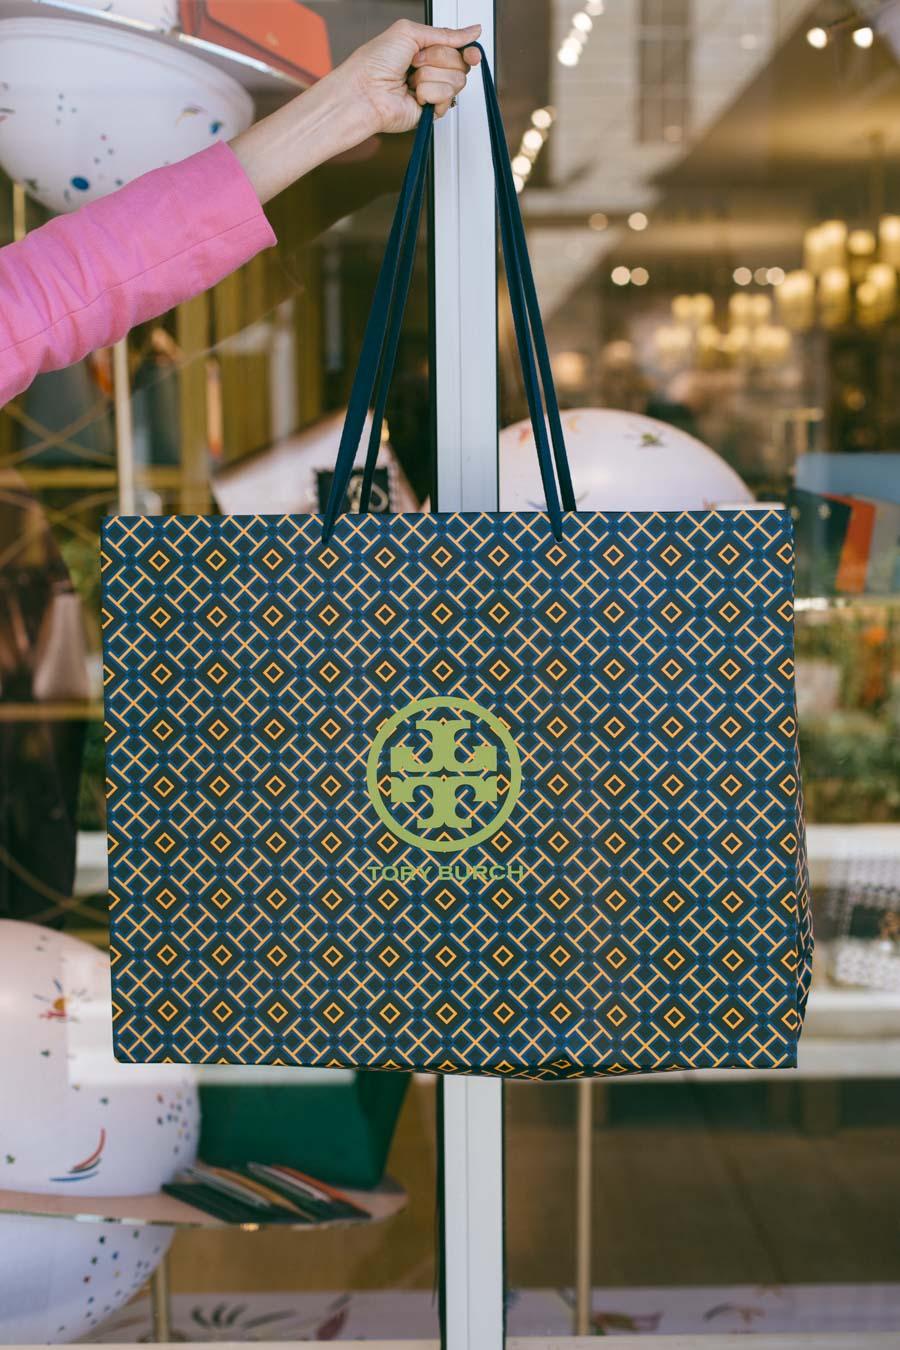 Tory Burch Shopping bag